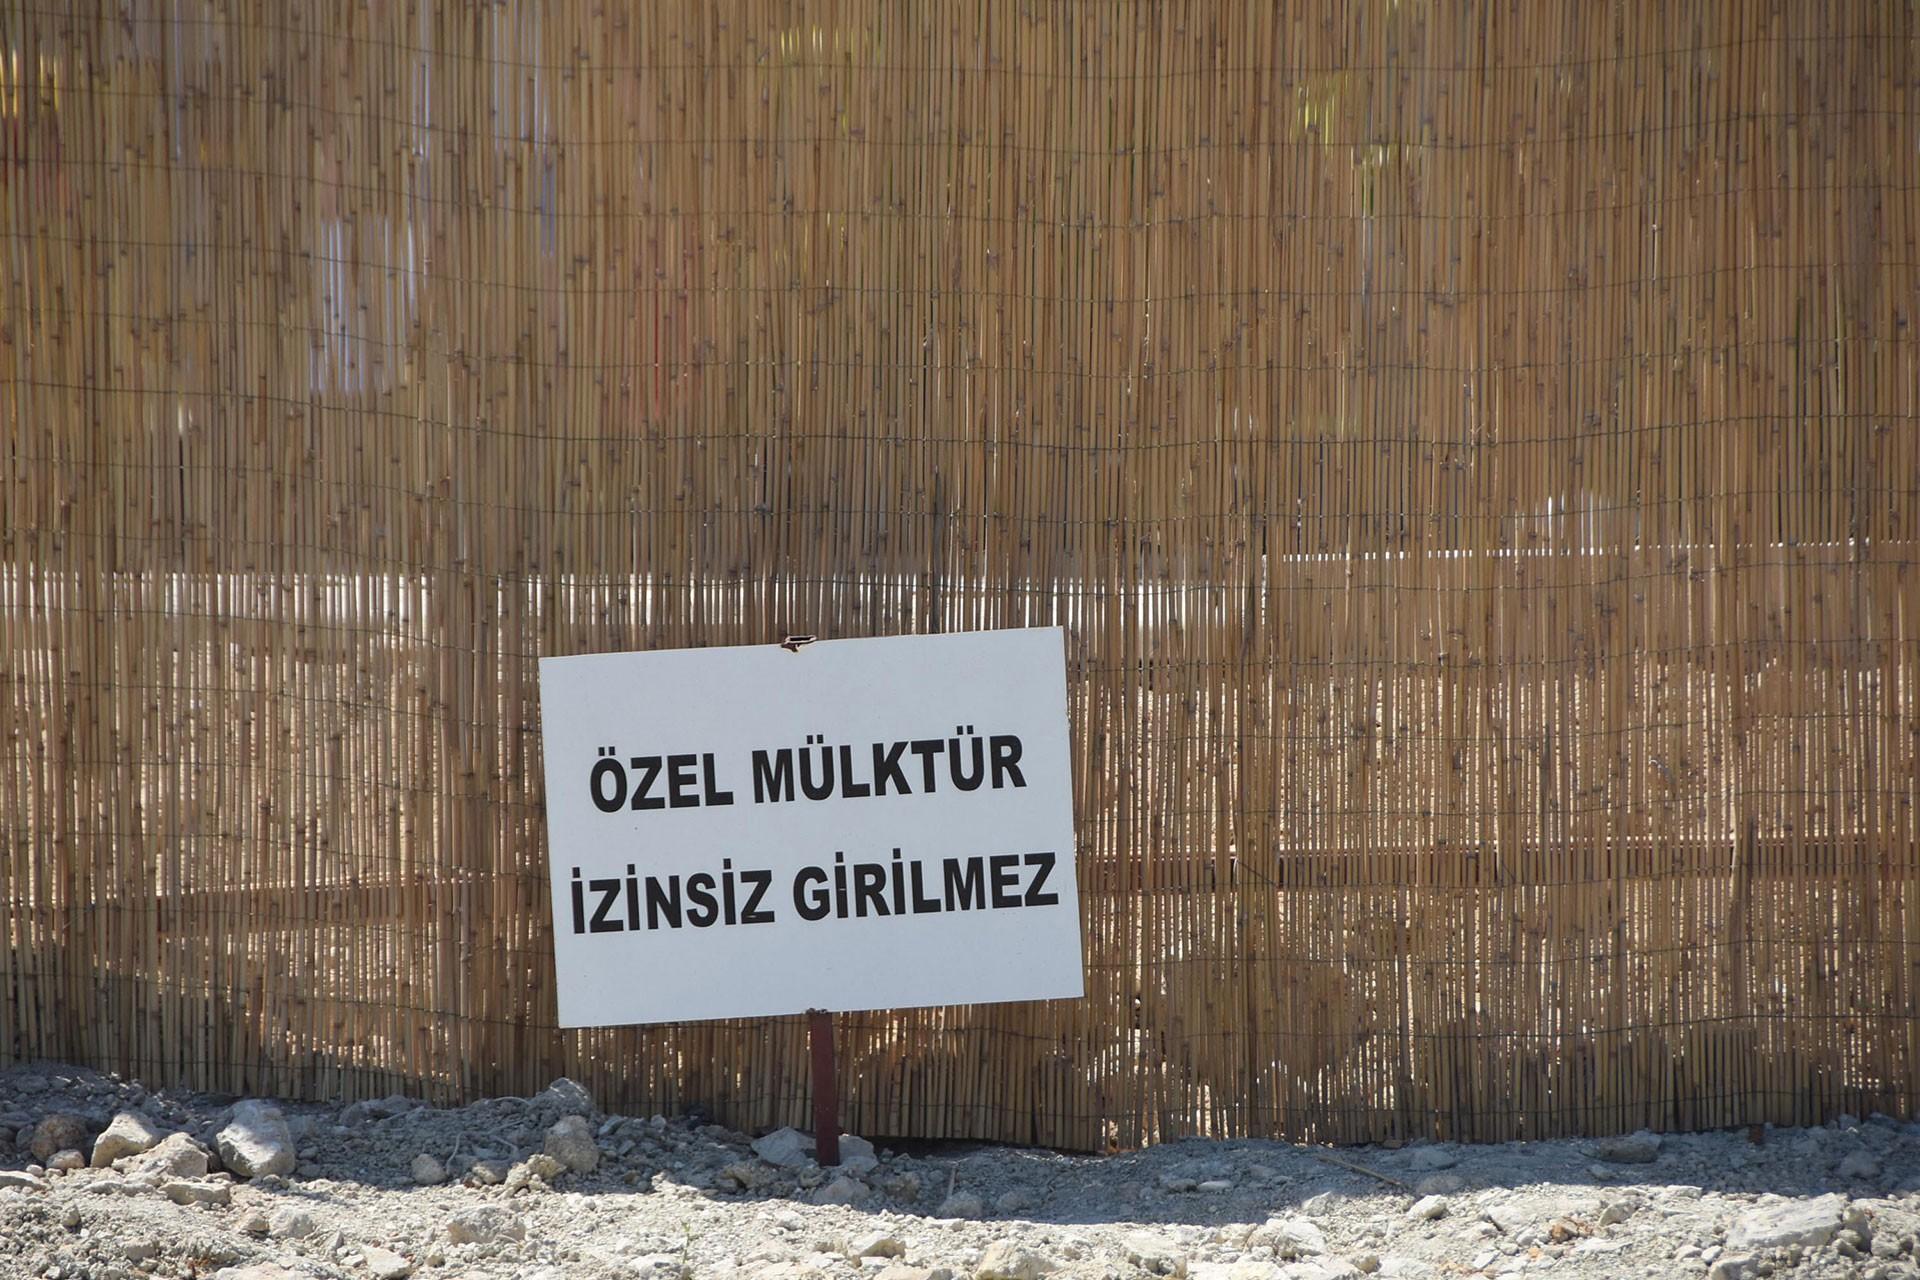 Çeşme Azmak Koyu'nda daha önce halkın ücretsiz olarak kullandığı plajın bir şirket tarafından kapatılarak ücretli hale getirilmesi protesto edildi.